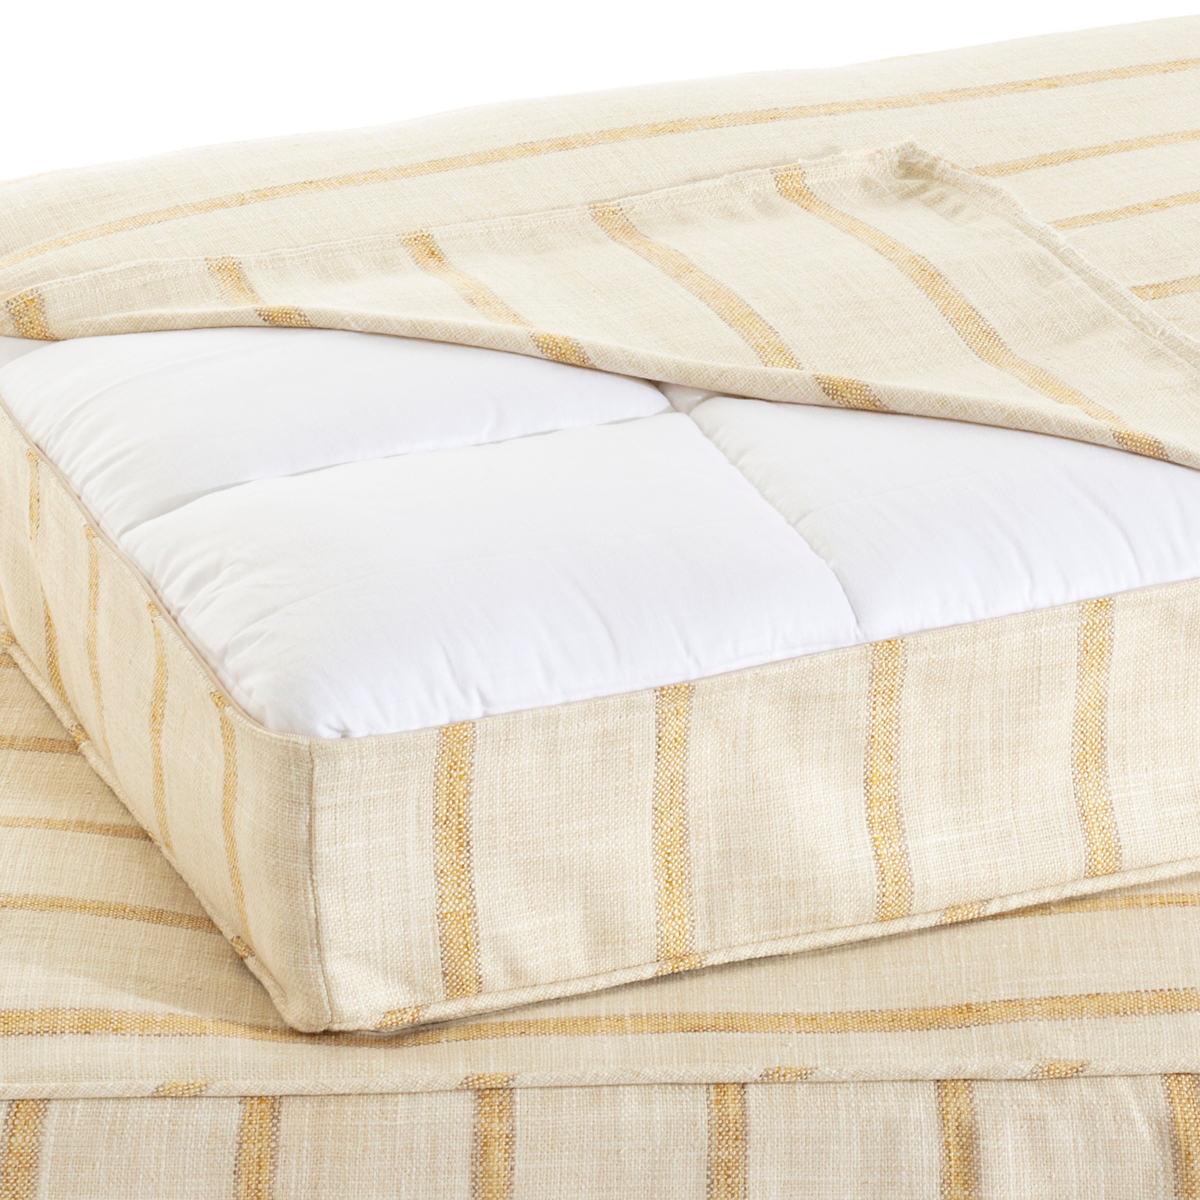 Glendale Stripe Gold/Natural Dog Bed Cover